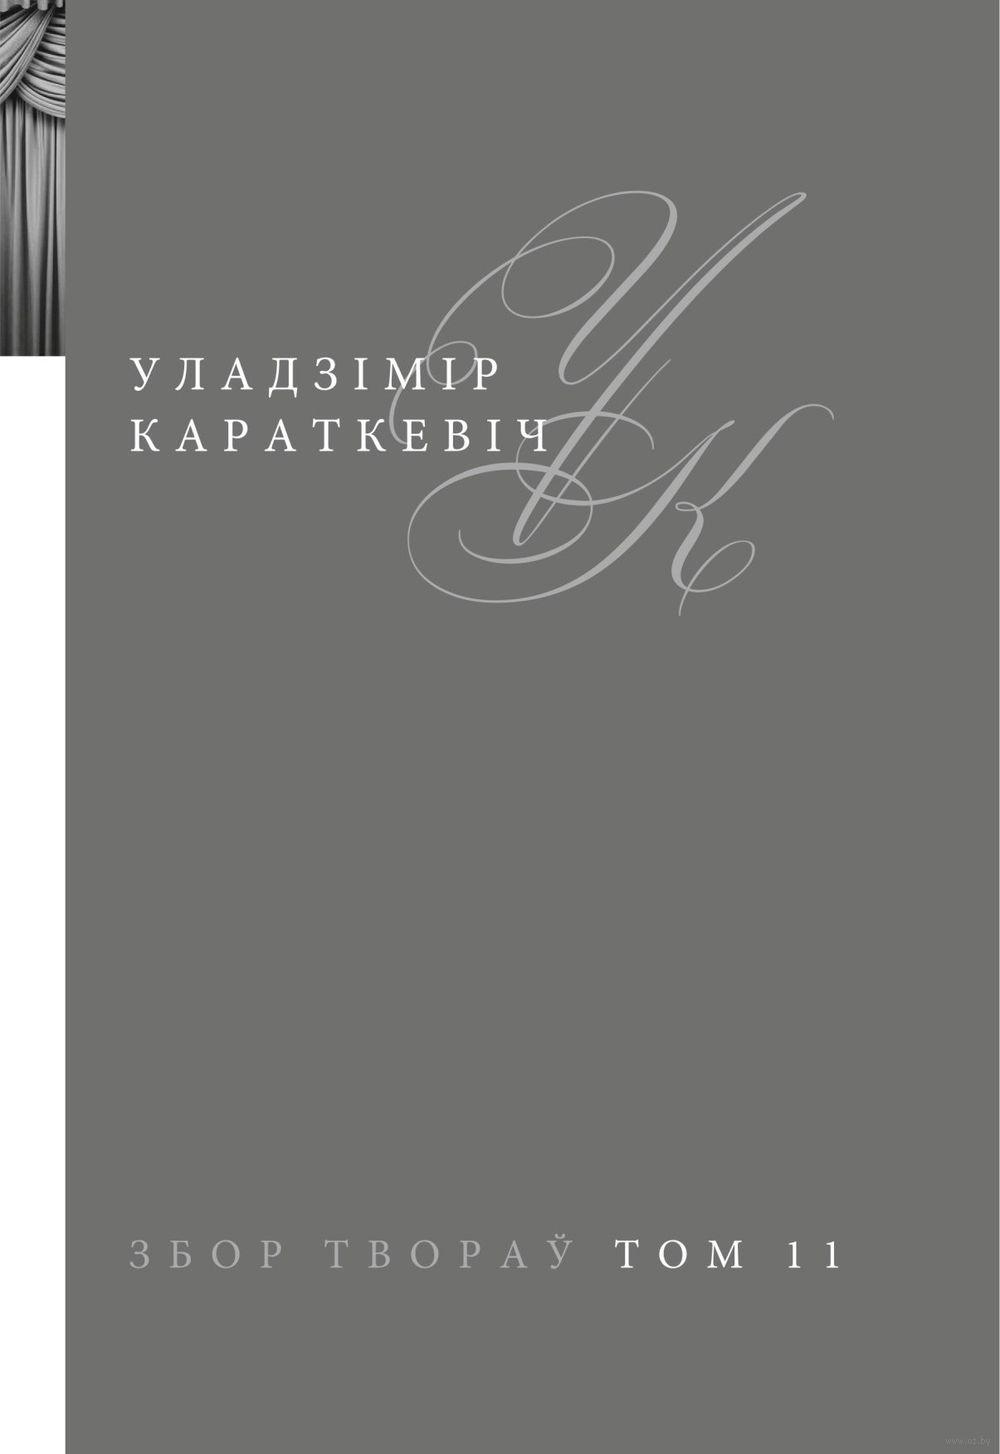 Скачать книги короткевича